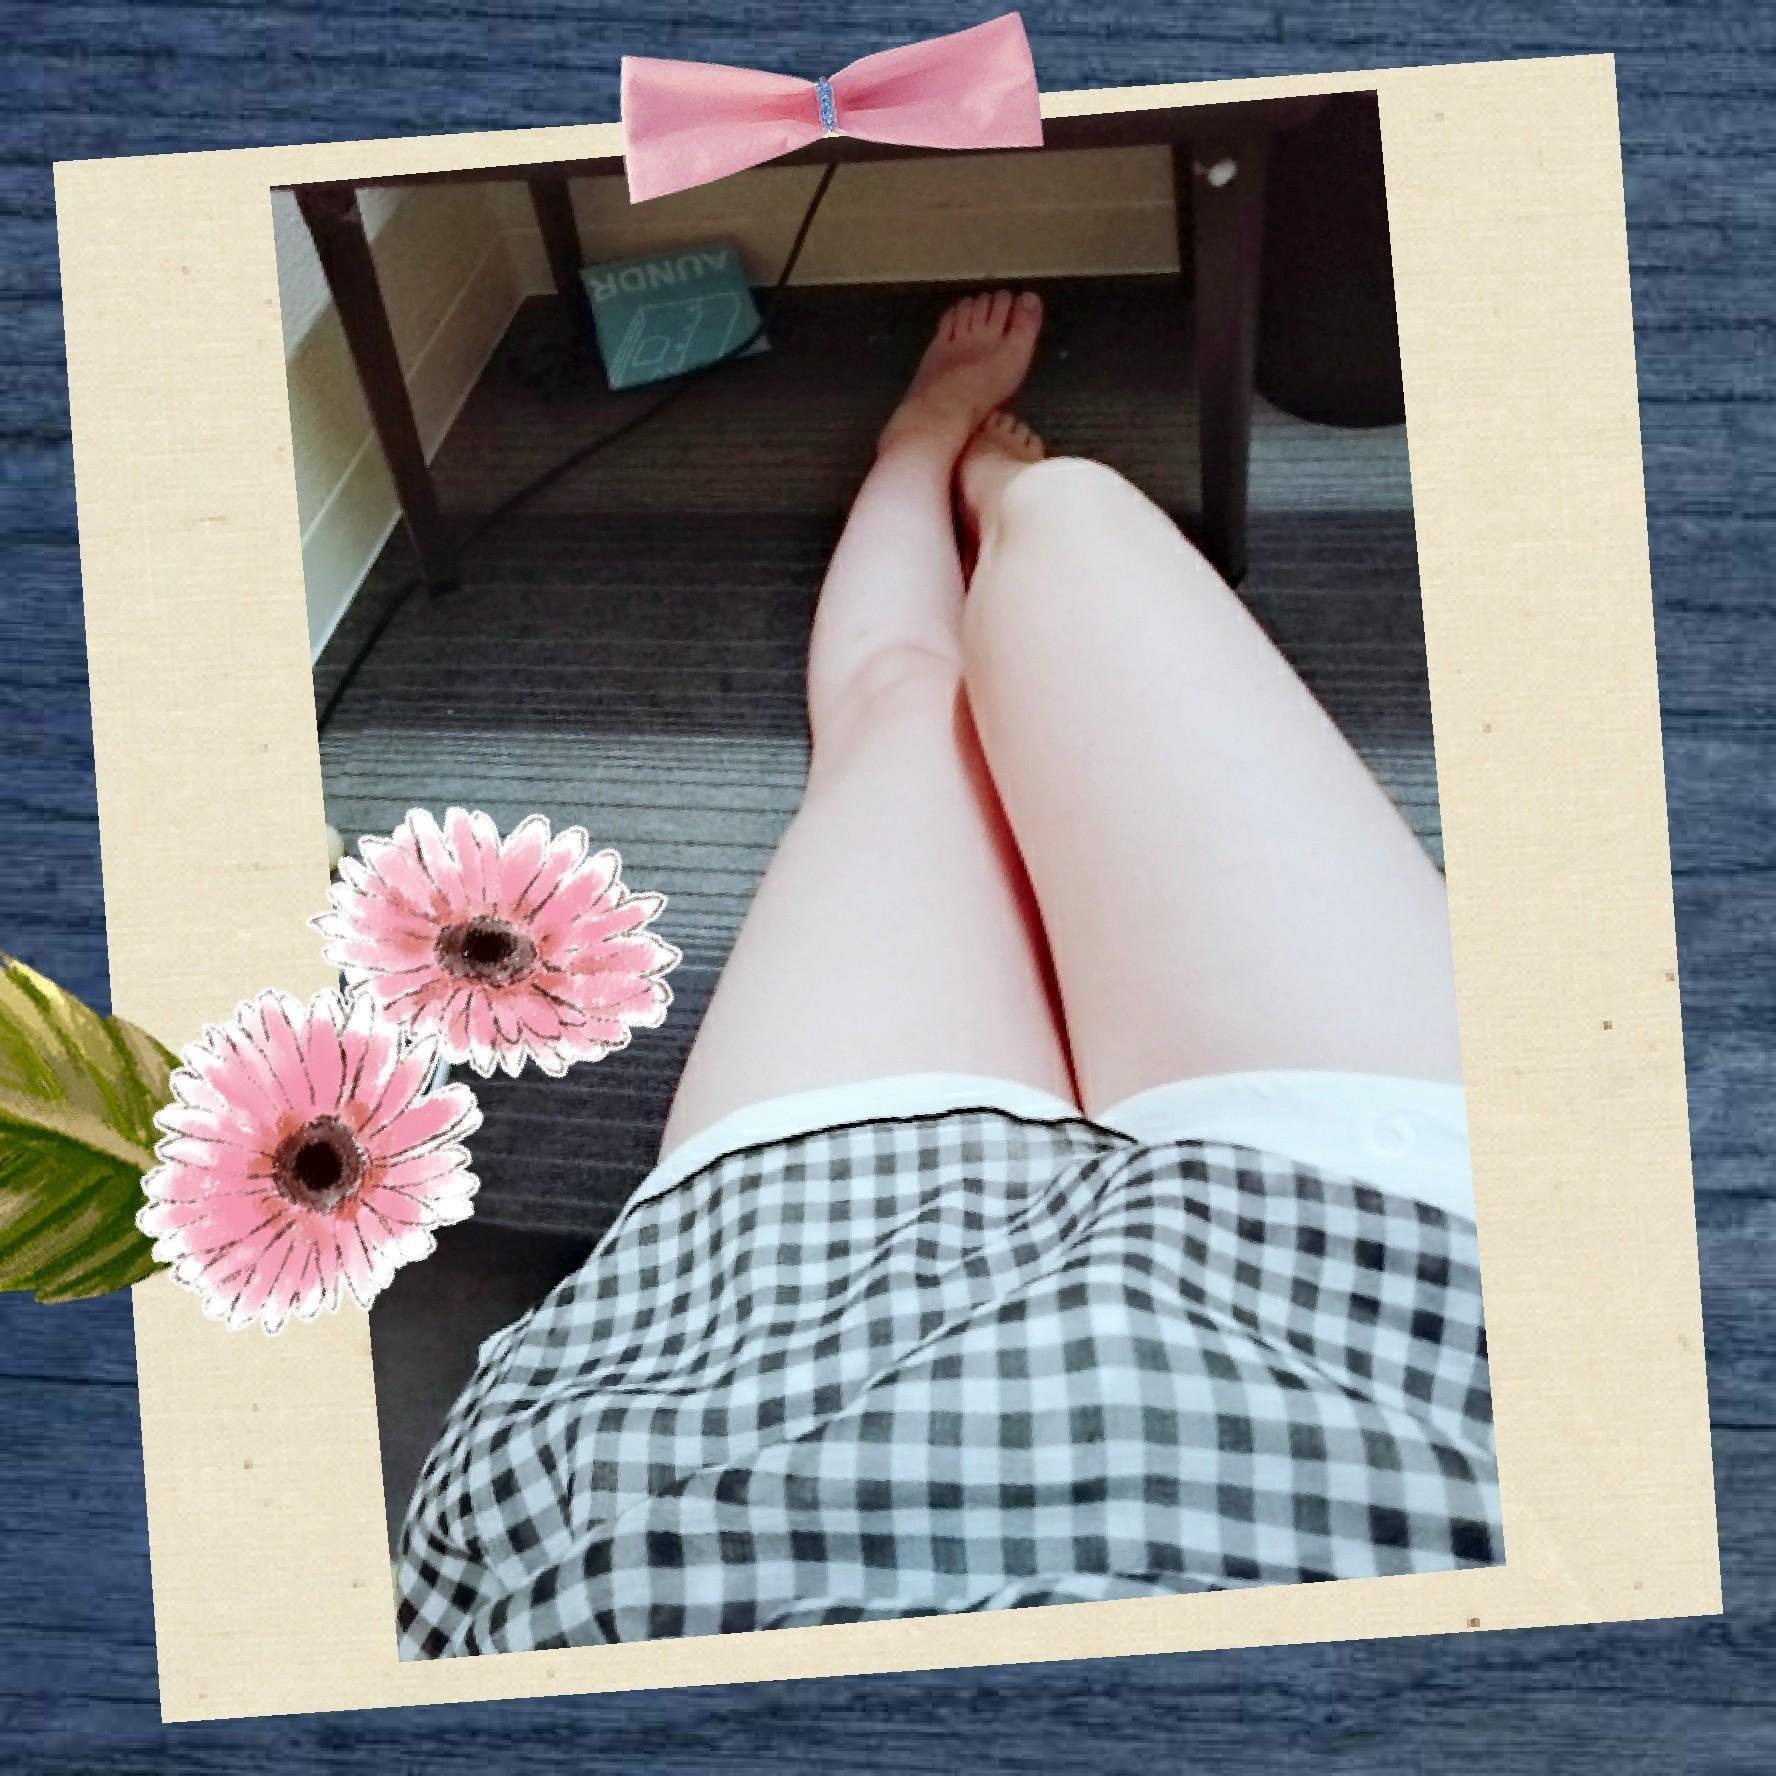 「なみです♡」07/27(金) 14:43   なみの写メ・風俗動画